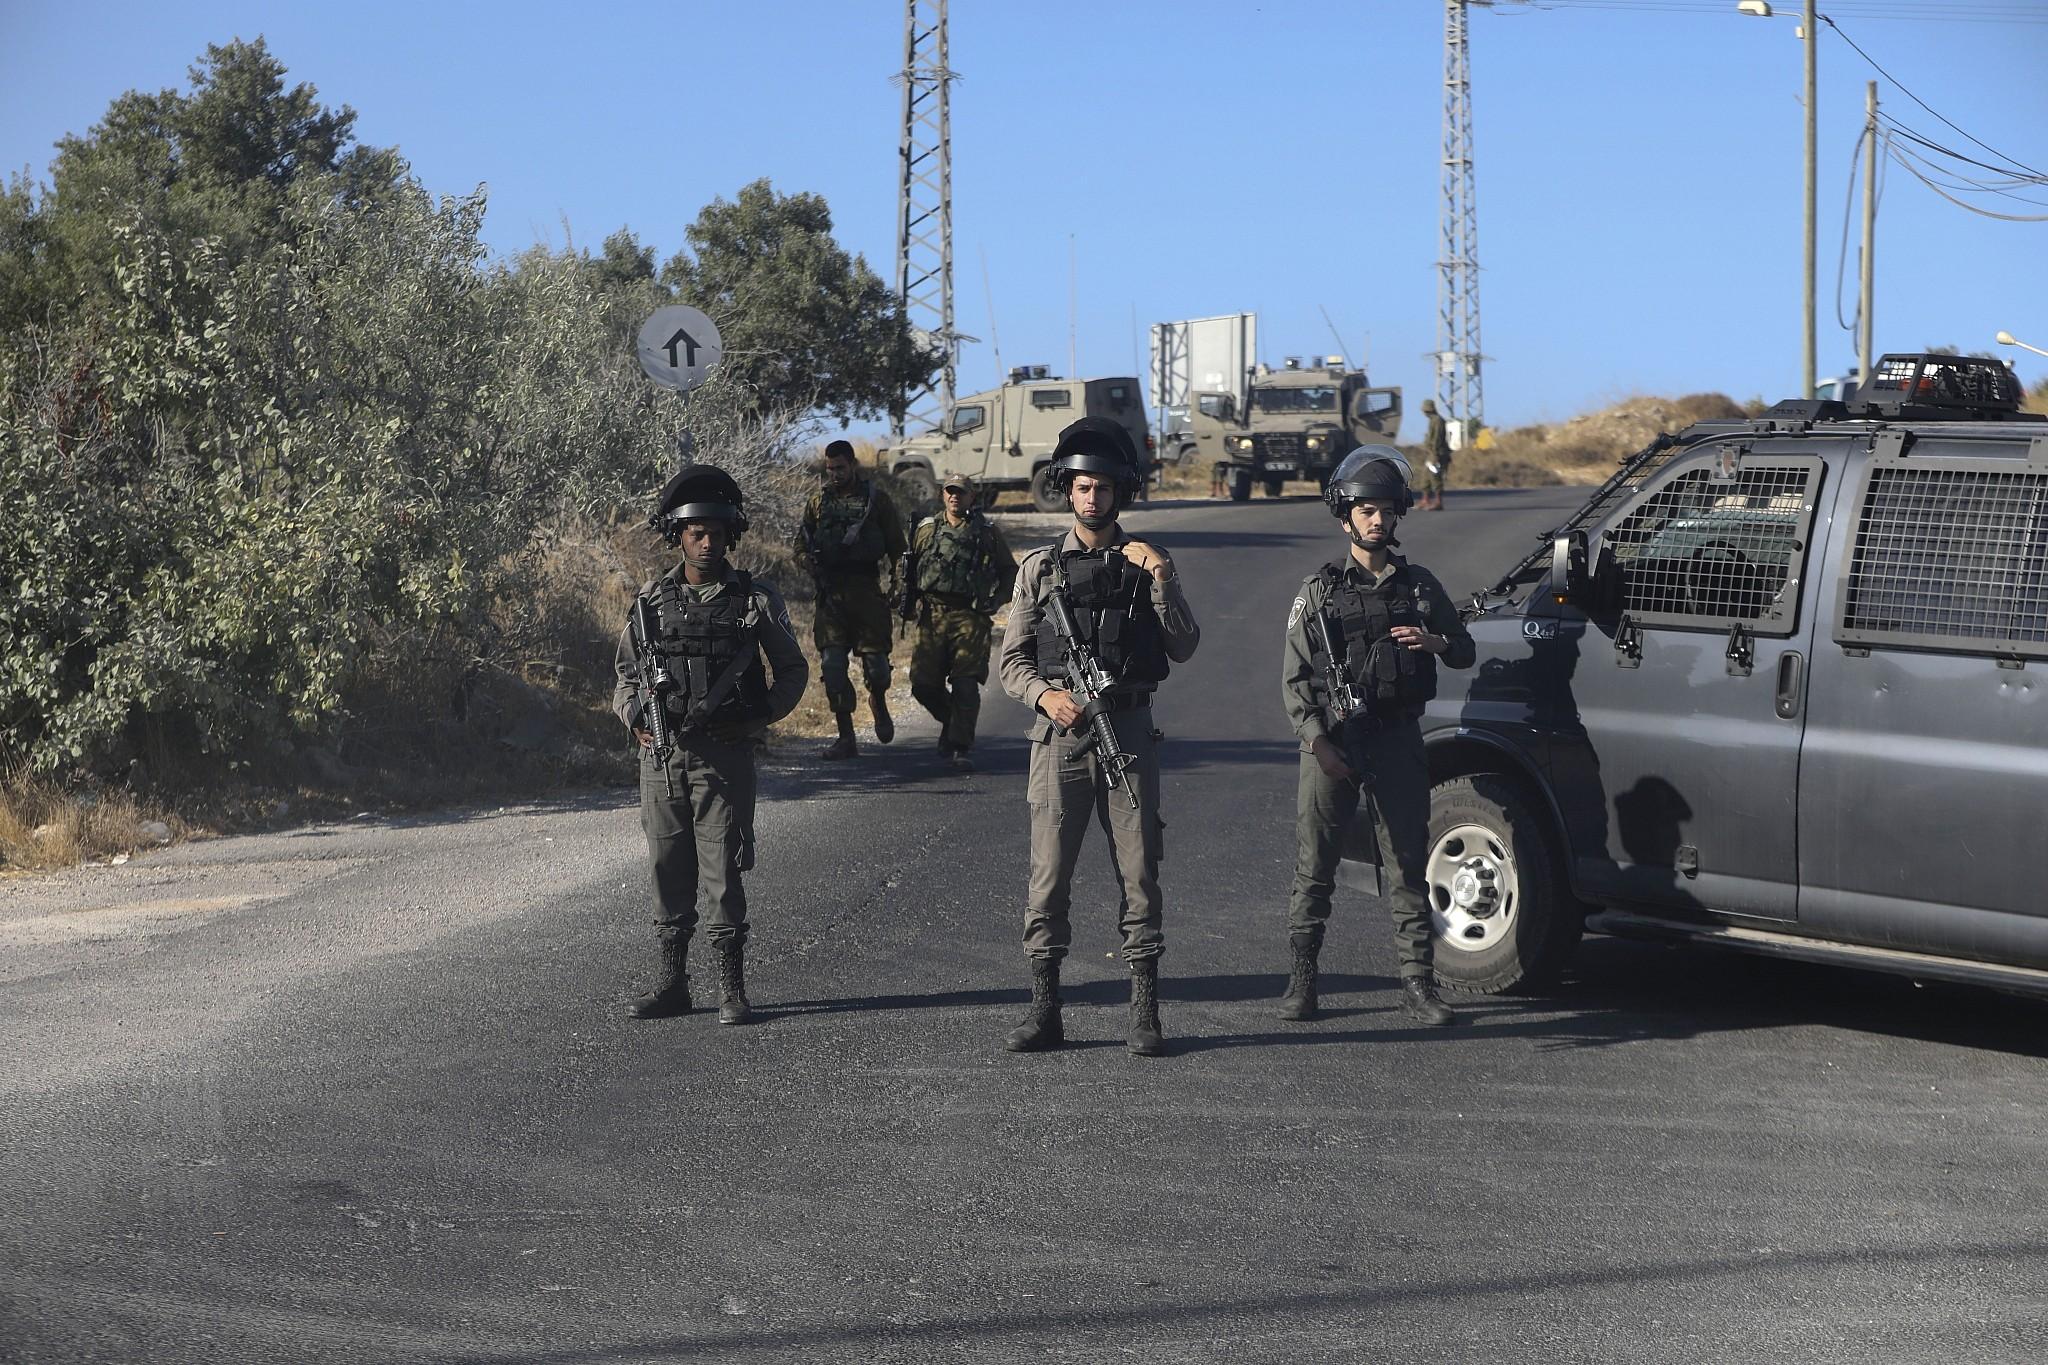 Le corps d'un soldat israélien poignardé découvert — Cisjordanie